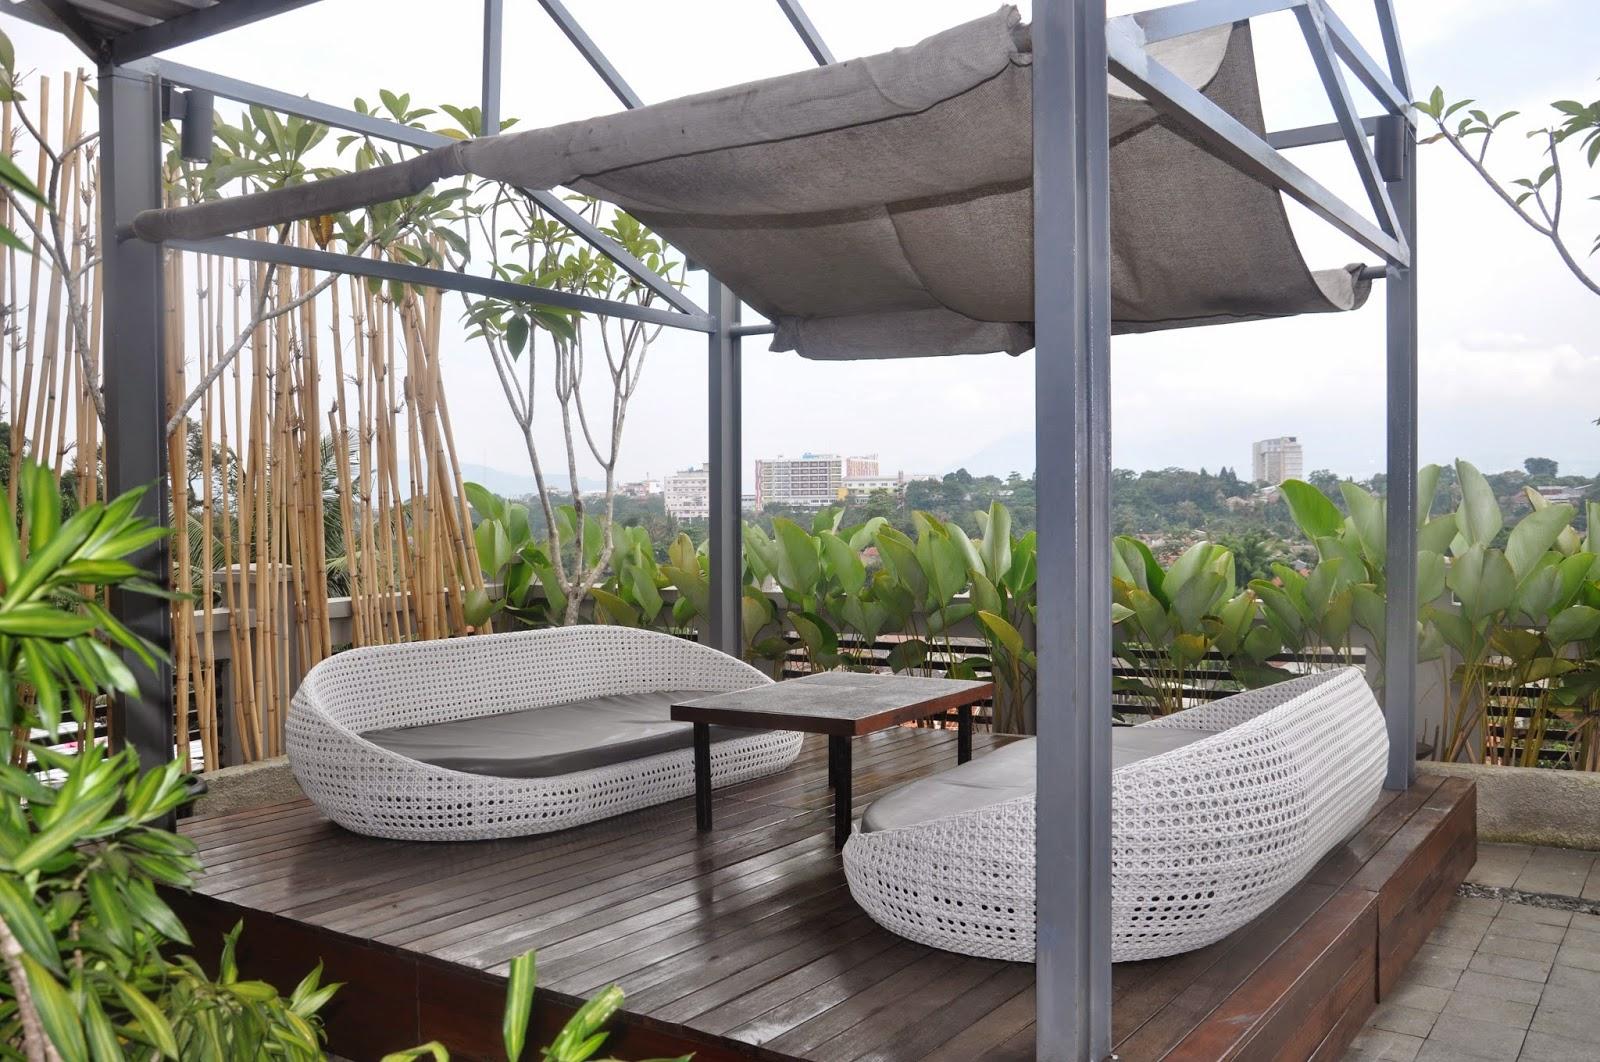 Tier Siera Resto & Lounge - 10 Restoran Romantis untuk Dinner di Bogor, Ajak Pasanganmu ke Sini!.JPG